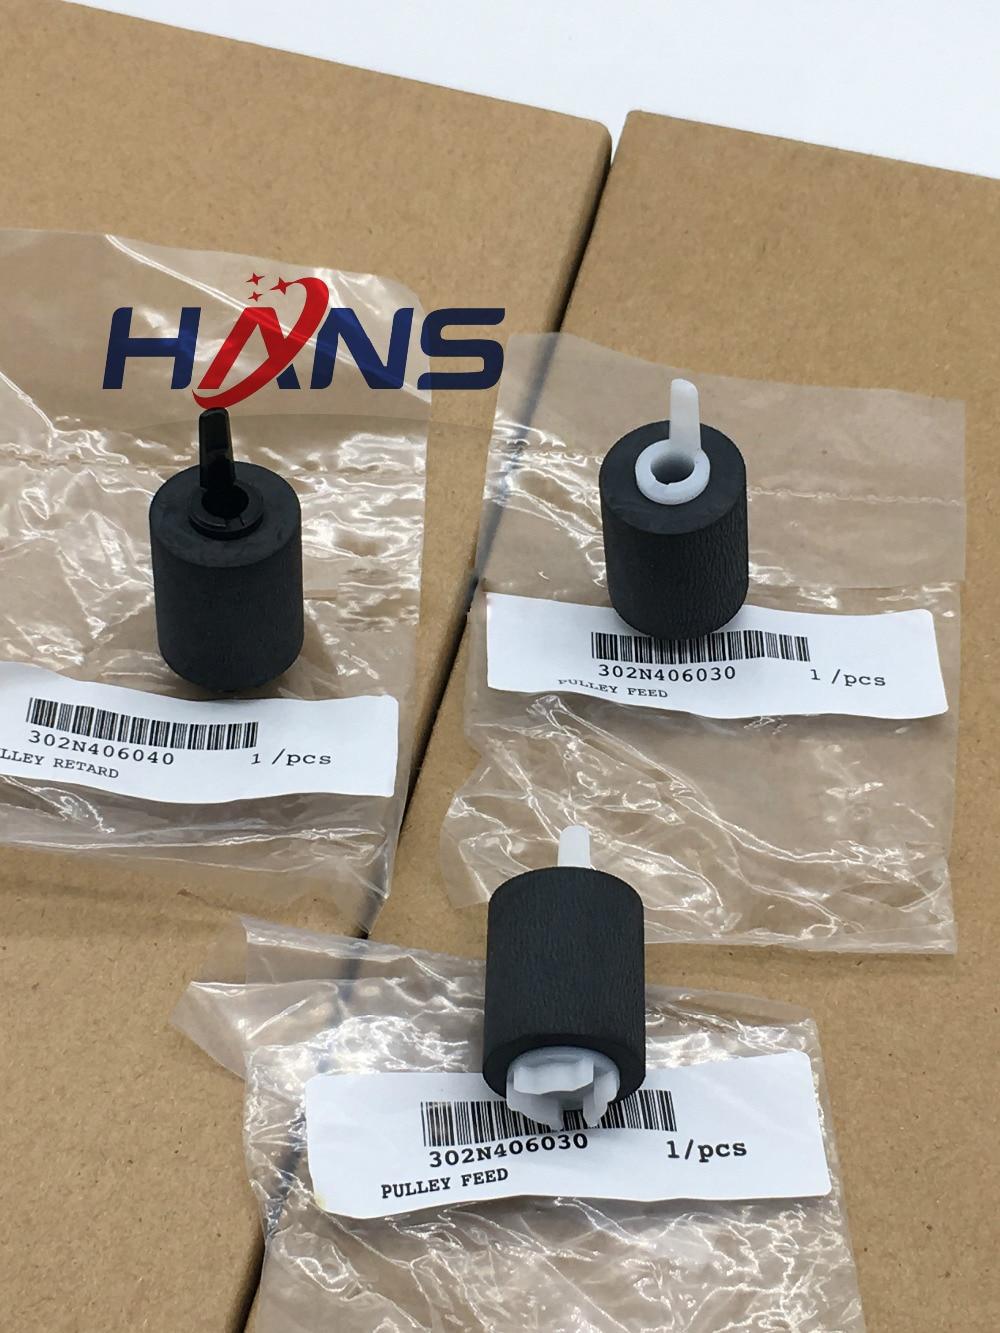 302N406030 302N406040 Pickup Feed Roller Kyocera 4501i 5501i 6501i 8001i 4551ci